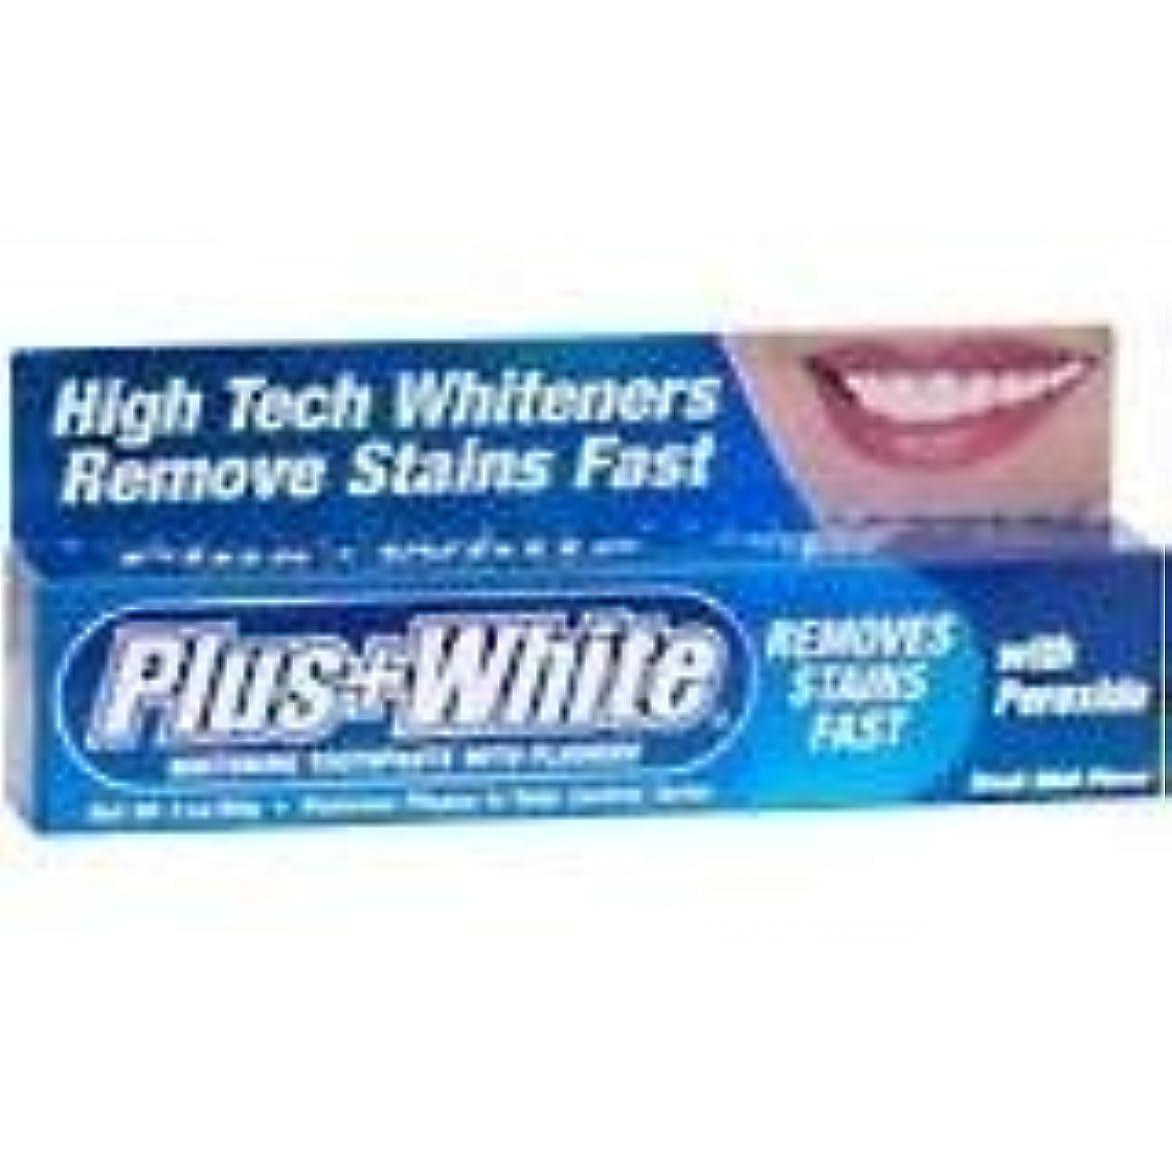 アクロバットベル肉屋Plus White 過酸化物とエクストラホワイトニング歯磨き(1パック)